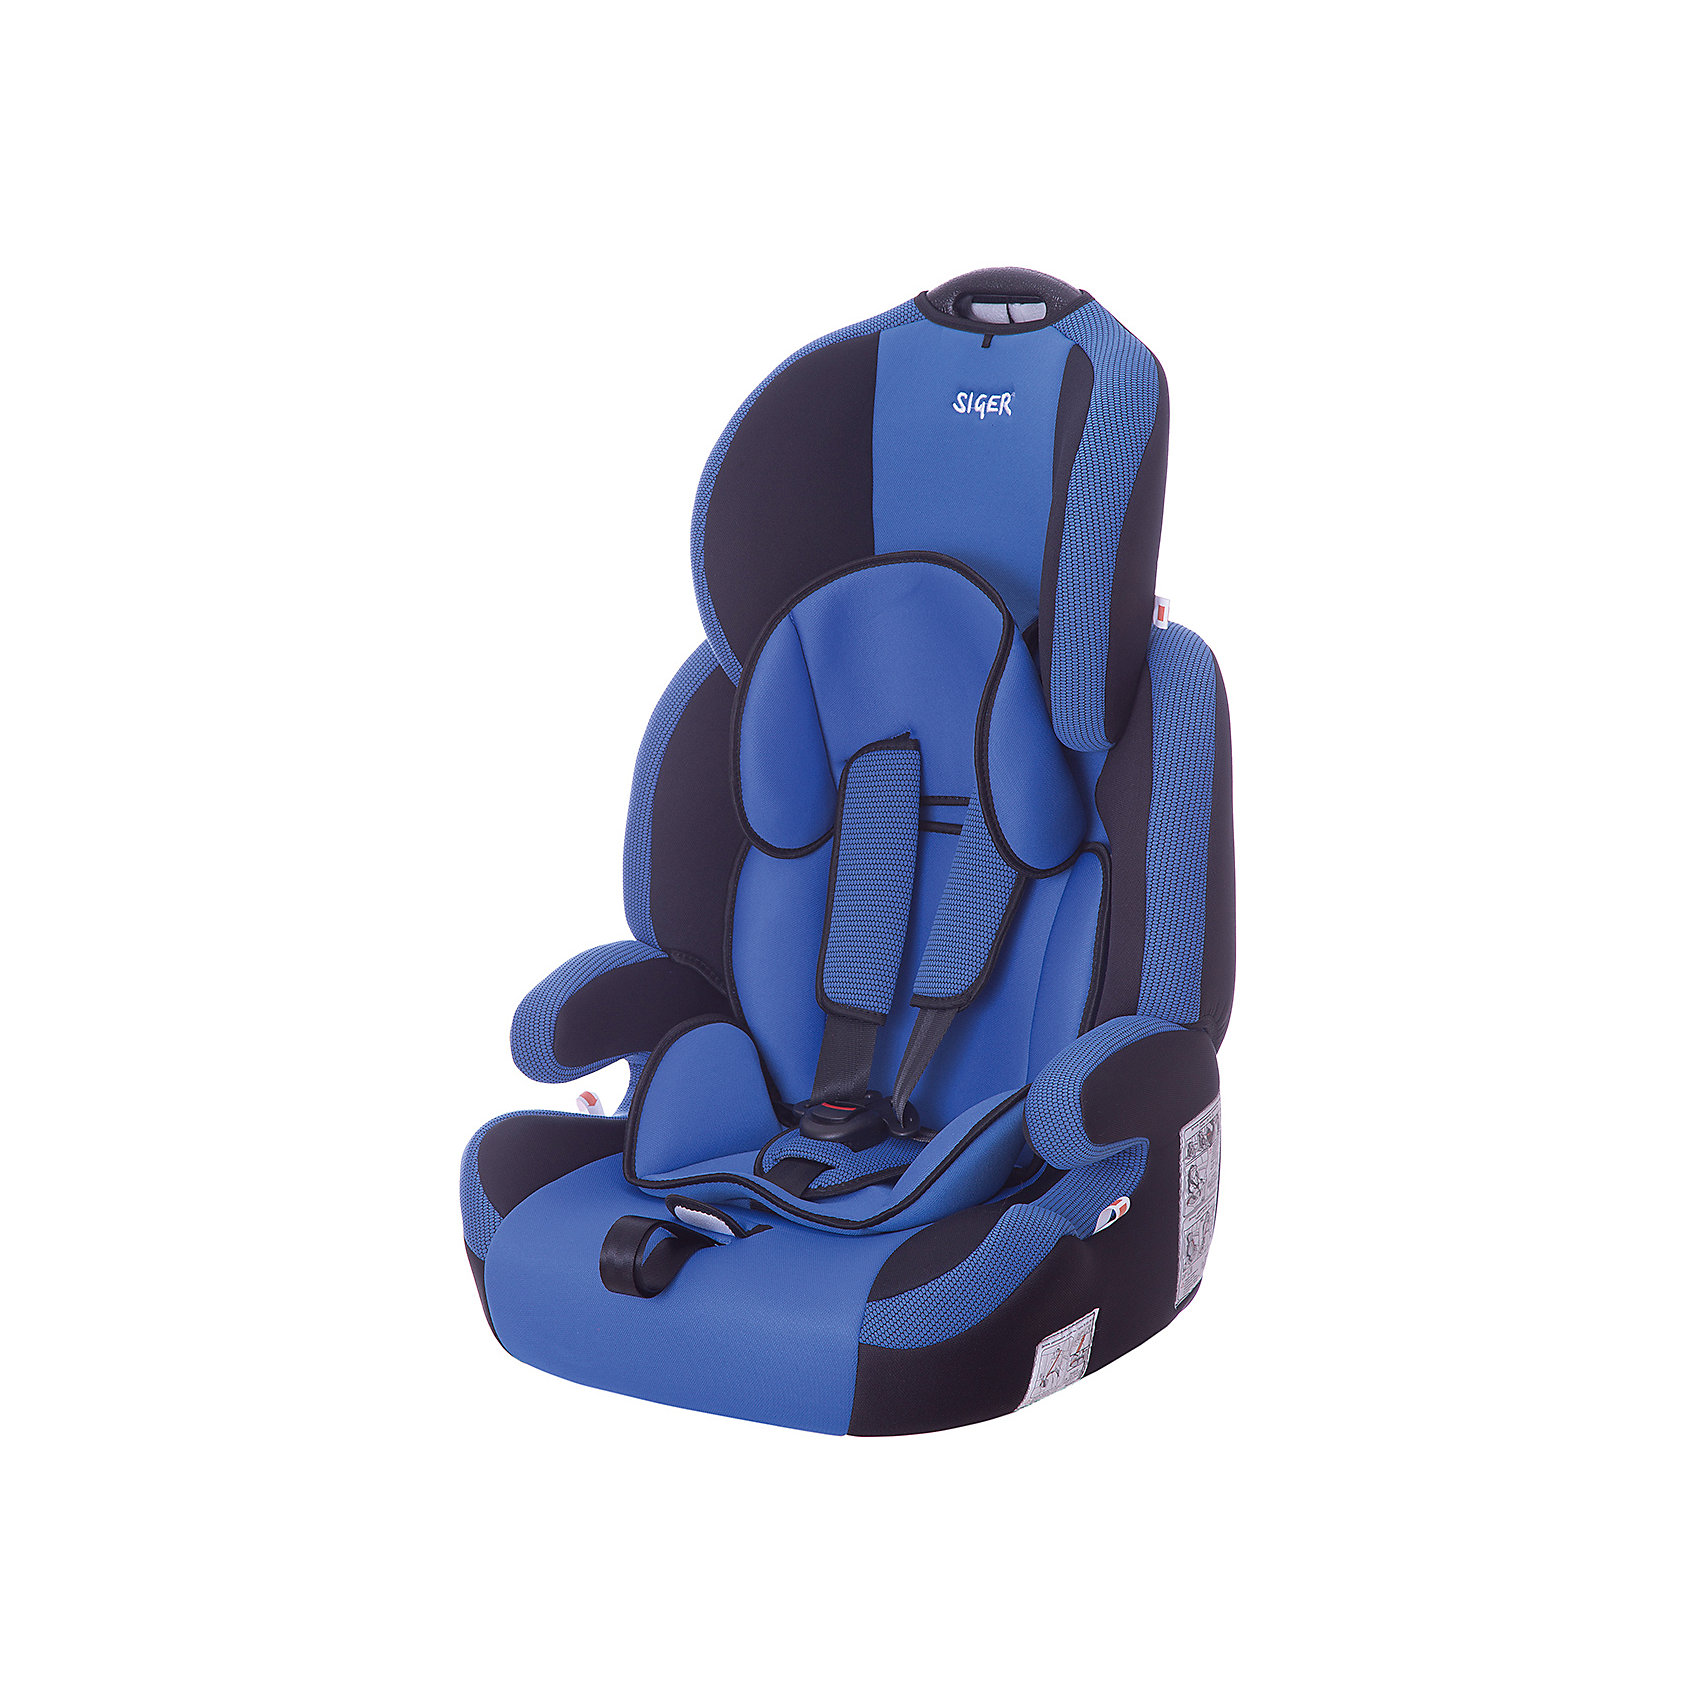 Автокресло Siger Стар Isofix 9-36 кг, синийГруппа 1-2-3 (От 9 до 36 кг)<br>Характеристики:<br><br>• группа: 1/2/3;<br>• вес ребенка: 9-36 кг;<br>• возраст ребенка: от 1 года до 12 лет;<br>• способ крепления: Isofix;<br>• способ установки: по ходу движения автомобиля;<br>• 5-ти точечные ремни безопасности, регулируются по длине и высоте;<br>• ручка для переноски автокресла;<br>• анатомическая форма кресла;<br>• регулируемый по высоте подголовник;<br>• усиленная защита от боковых ударов;<br>• чехол снимается и стирается при температуре 30 градусов;<br>• материал: пластик, полиэстер;<br>• размер автокресла: 60х50х70 см;<br>• вес автокресла: 6,8 кг.<br><br>Автокресло группы 1-2-3 предназначено для детей в возрасте от года до 12 лет. Автокресло устанавливается на заднем сидении автомобиля лицом по ходу движения автомобиля, крепится с помощью системы Изофикс. Кресло универсальное: и годовалому крохе будет уютно в кресле, и подросток будет чувствовать себя комфортно – благодаря анатомической форме кресельной чаши, мягким подлокотникам, широким боковинам, регулируемому подголовнику, вкладышу для малышей. <br><br>Автокресло Стар Isofix 9-36 кг., SIGER, цвет синий можно купить в нашем интернет-магазине.<br><br>Ширина мм: 500<br>Глубина мм: 470<br>Высота мм: 730<br>Вес г: 6500<br>Возраст от месяцев: 12<br>Возраст до месяцев: 144<br>Пол: Мужской<br>Возраст: Детский<br>SKU: 5409374